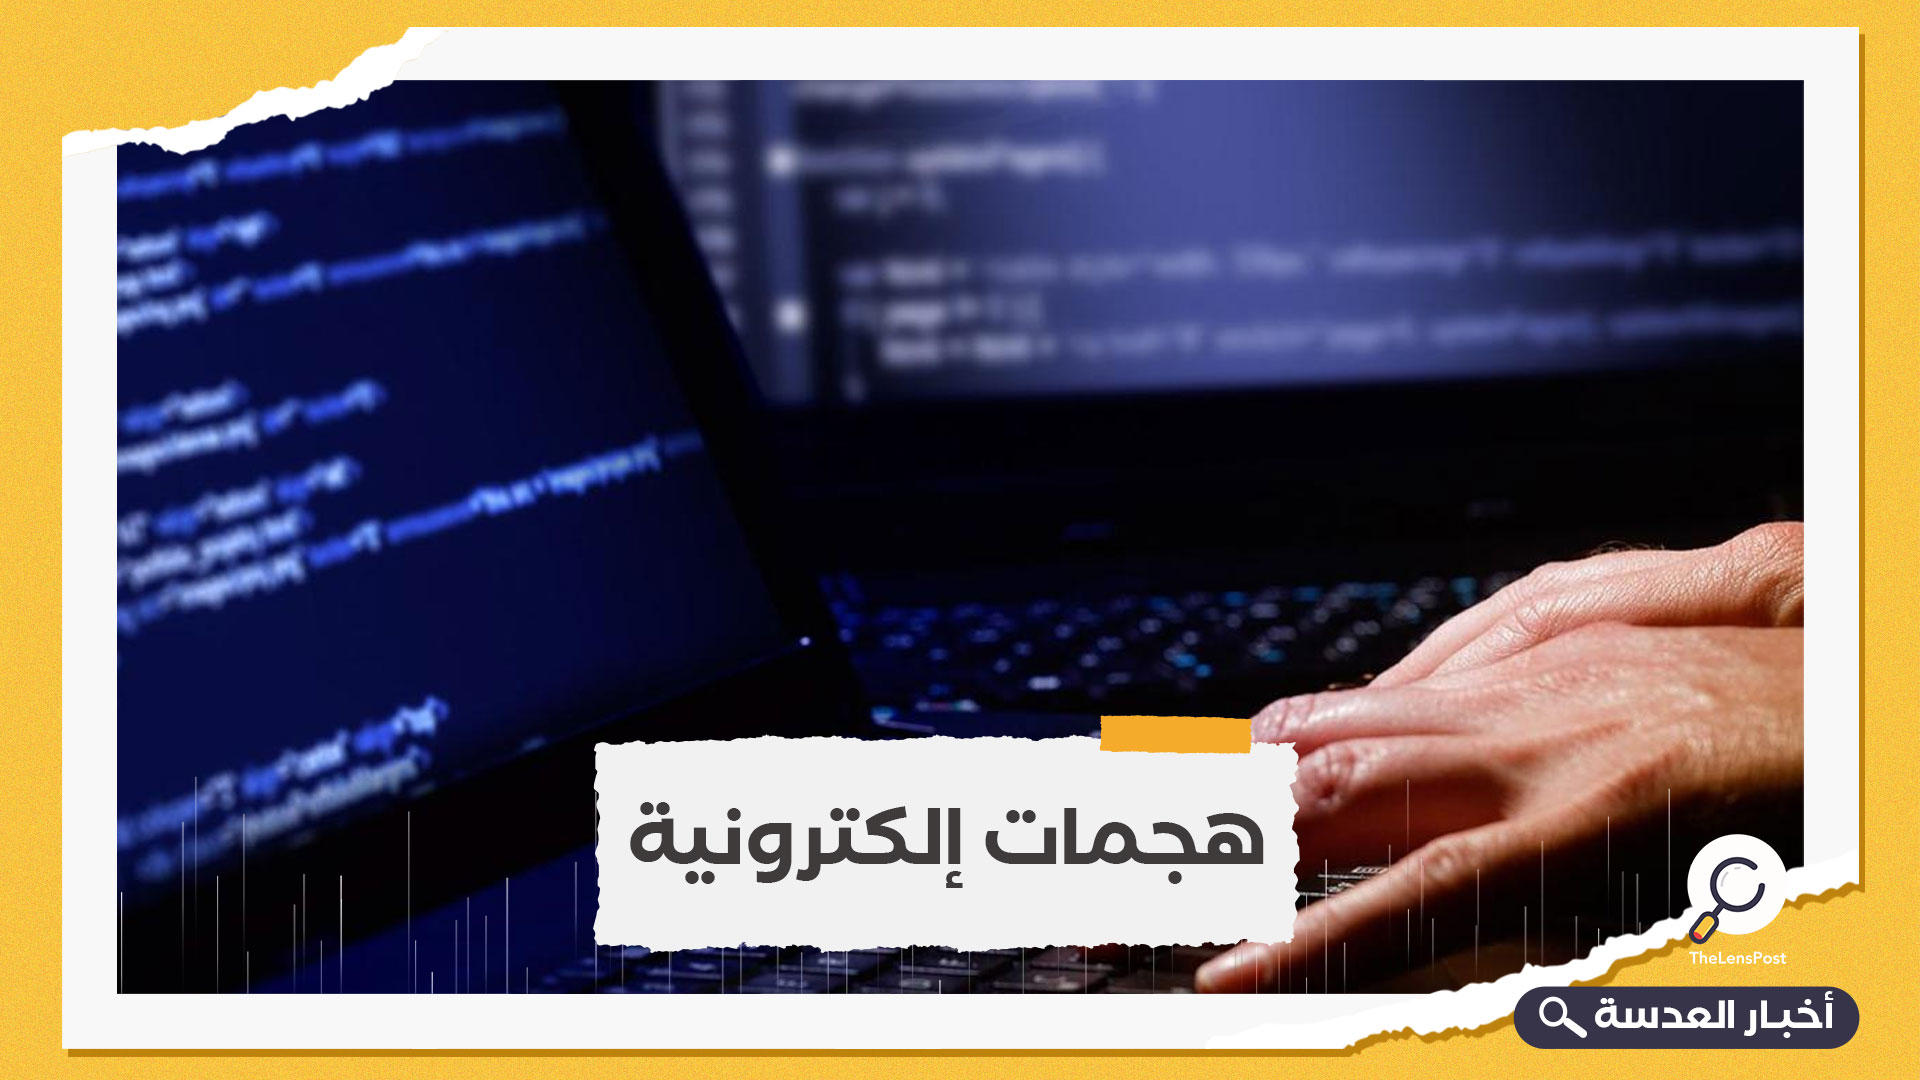 جيش إلكتروني تركي يقصف الإمارات وإسرائيل منذ عدة أشهر